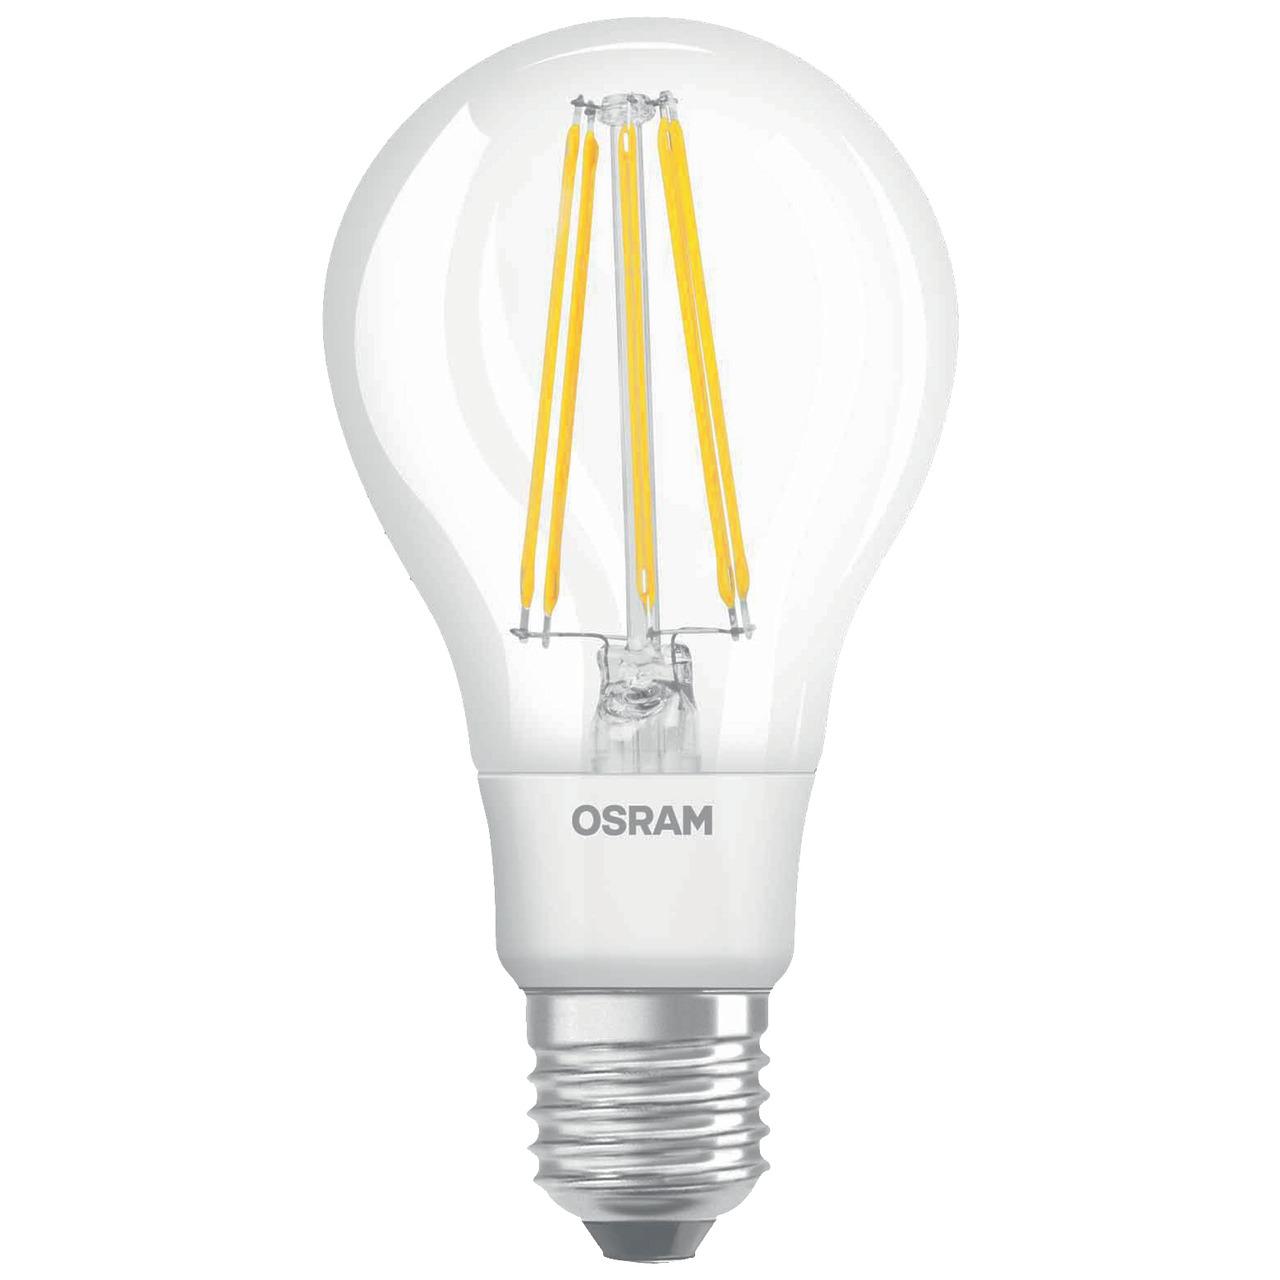 OSRAM LED RETRO Glass Bulb 10-W-LED-Lampe E27- klar